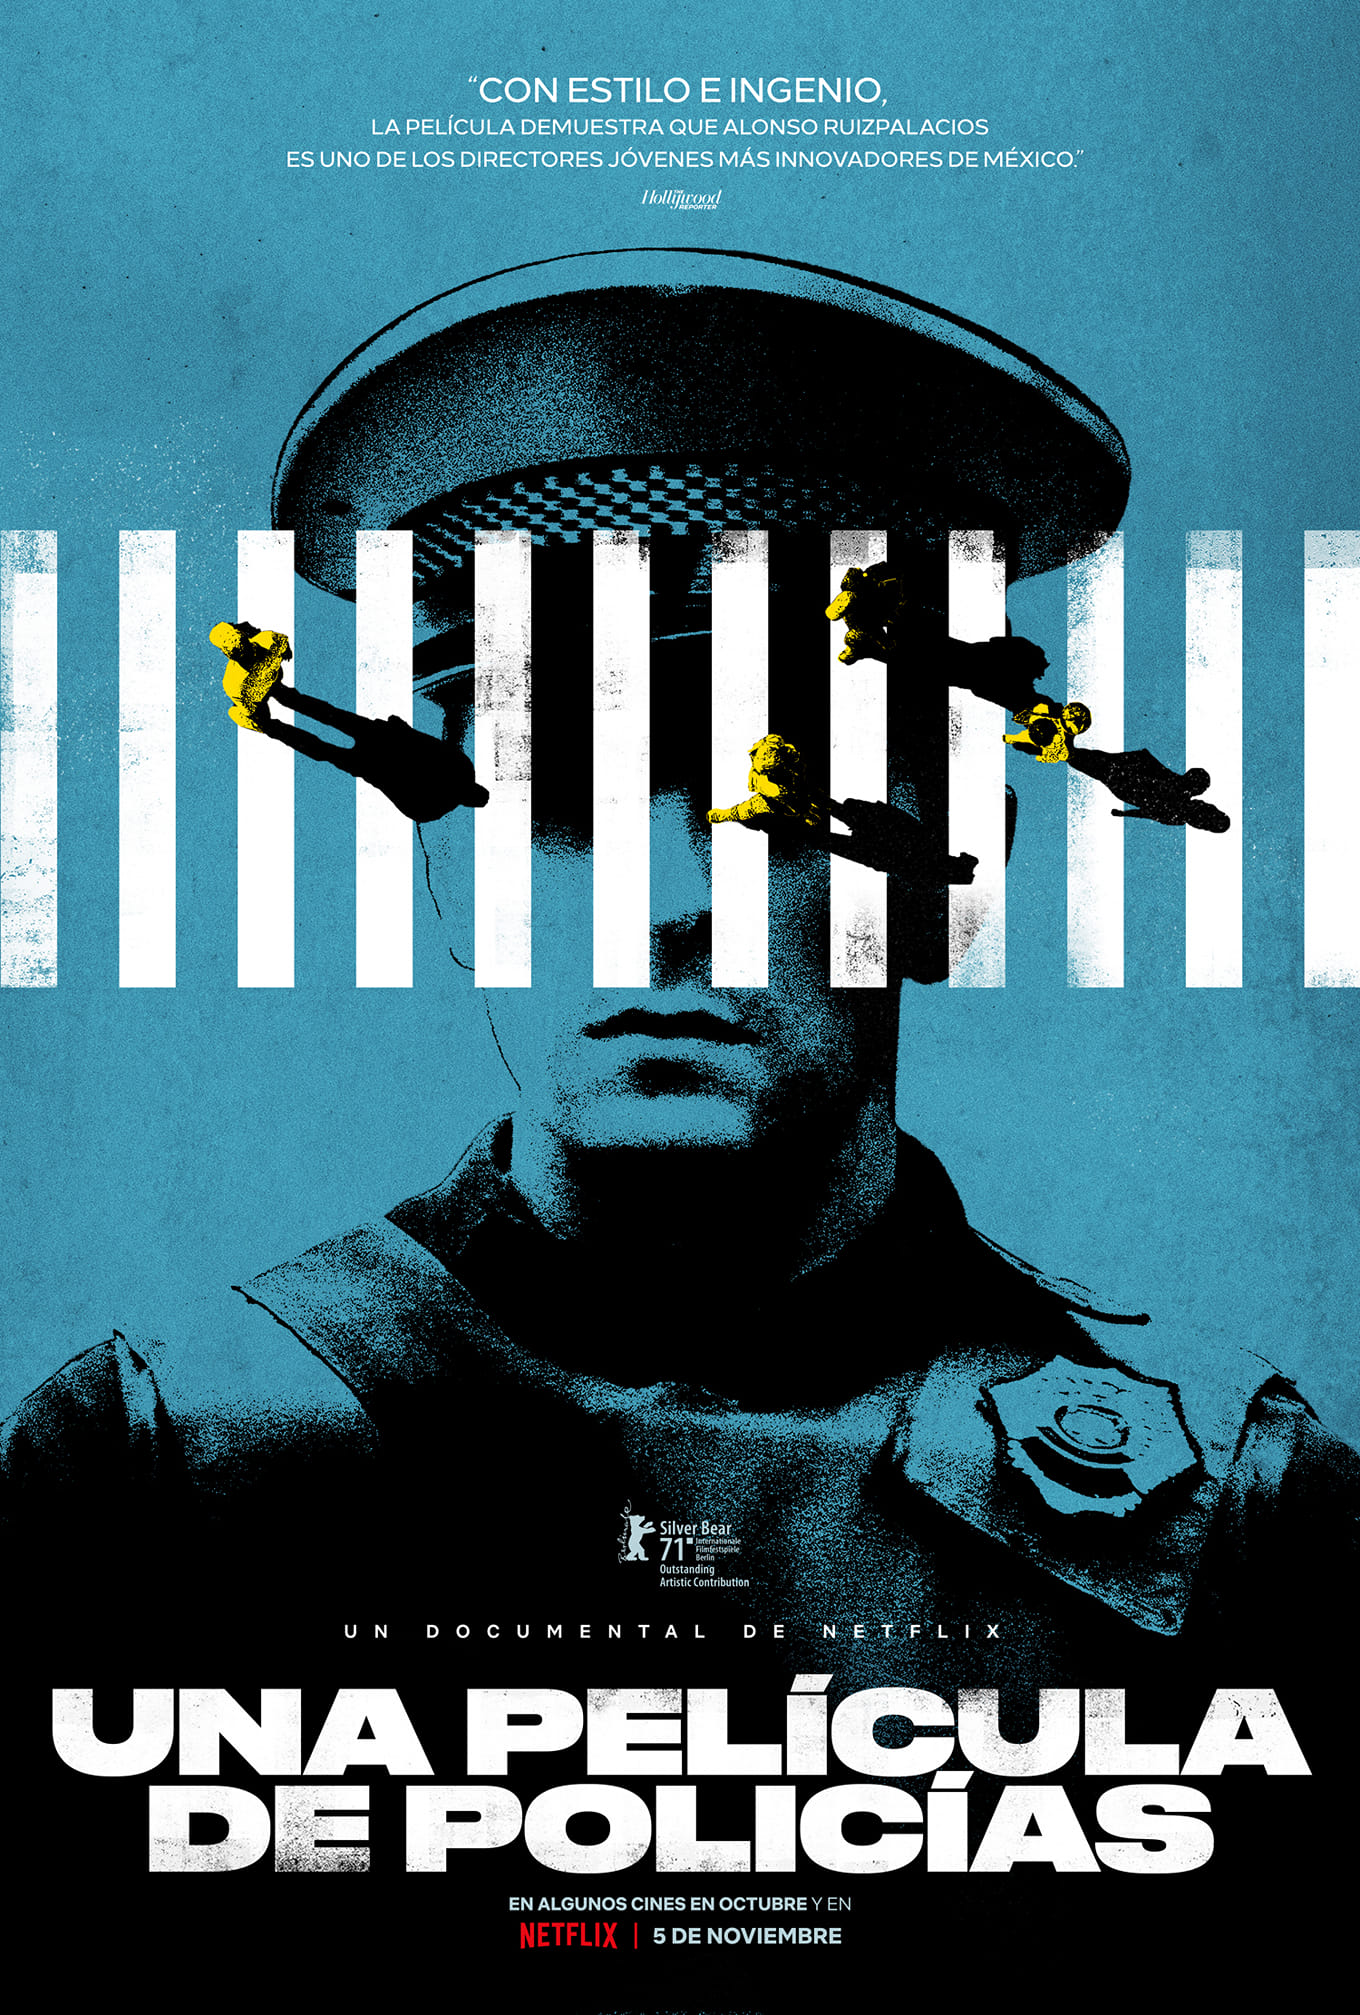 Cartel del documental Una película de policías, que se exhibirá en la gira de AMbulante 2021.